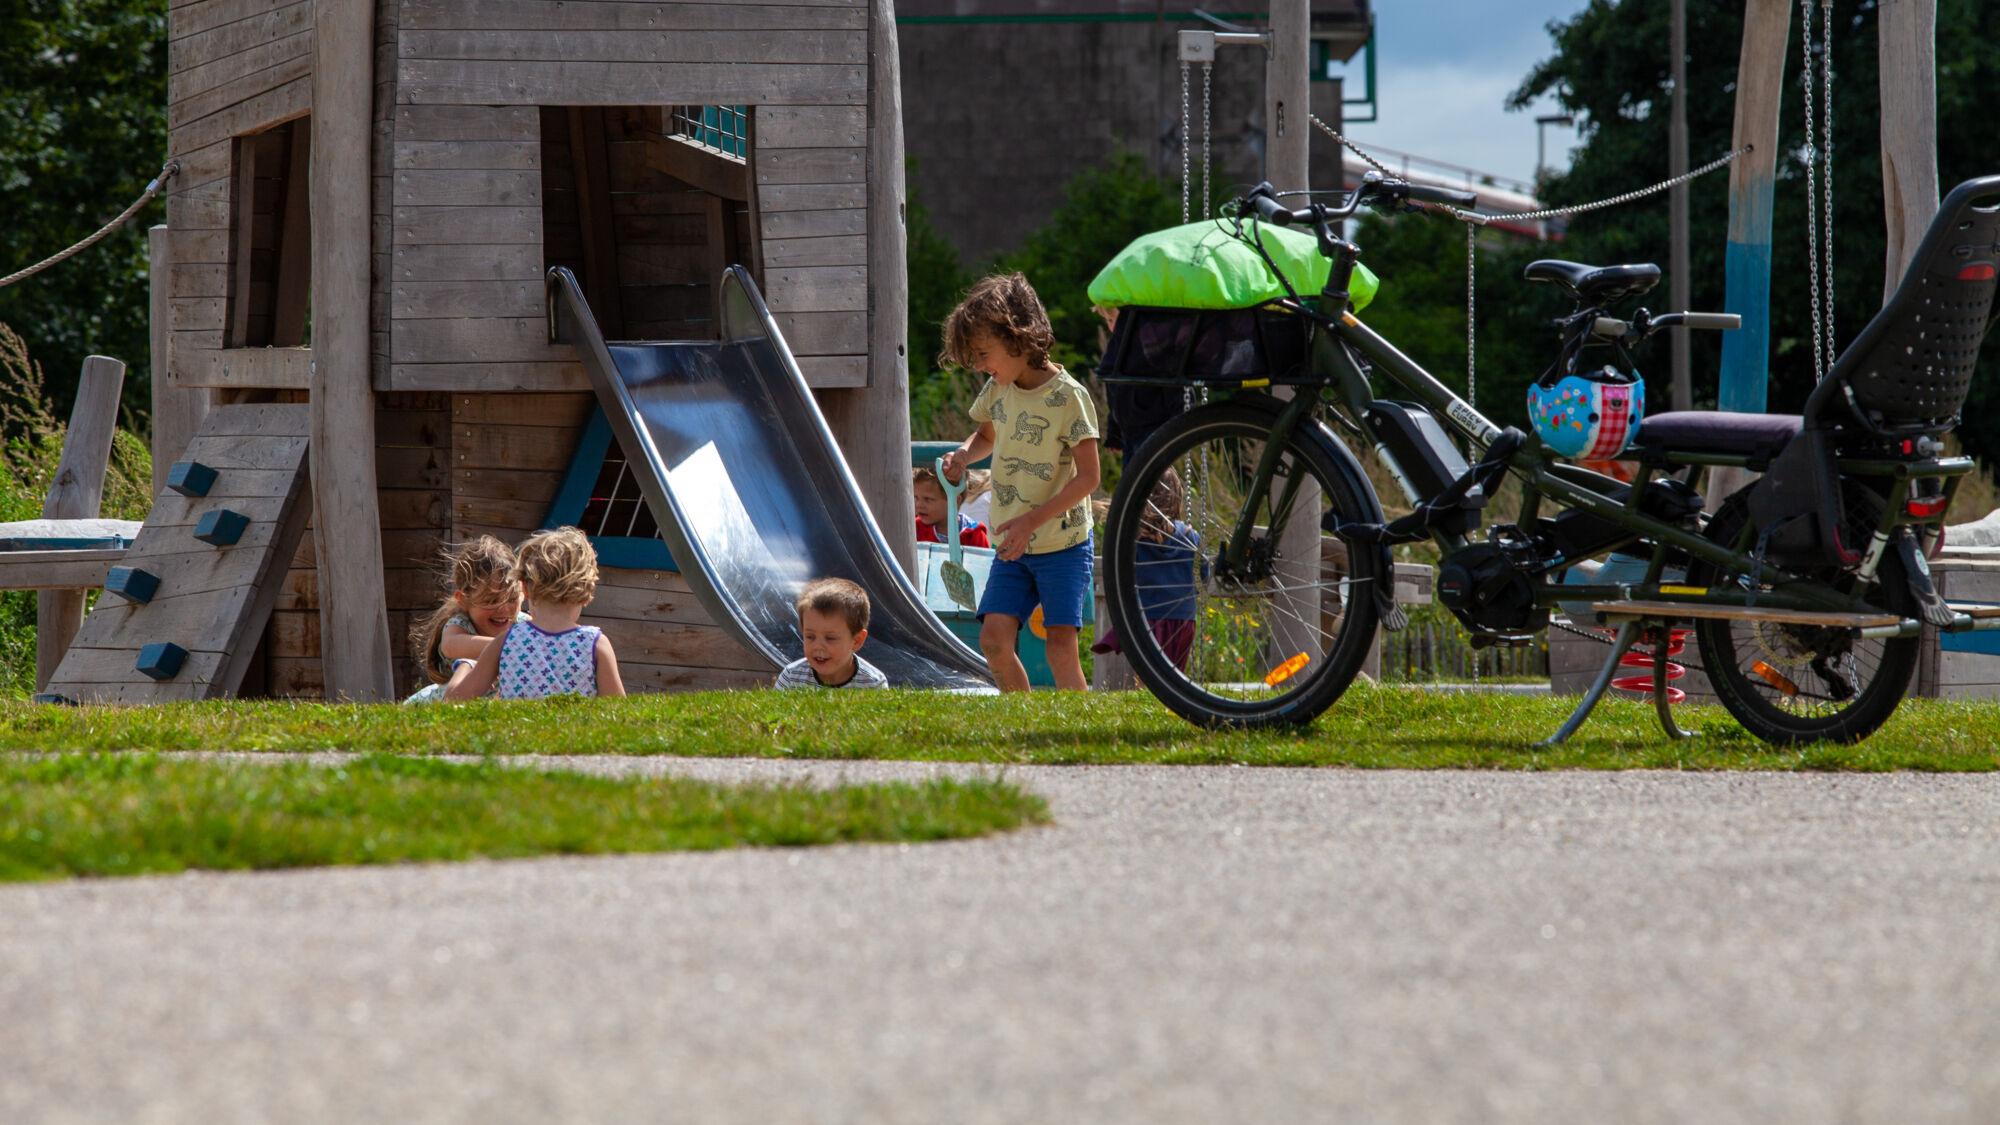 20210817_Oude Dokken_Houtdok_Openbaar Domein_Zitbanken_groen_wandelaars_fietsers